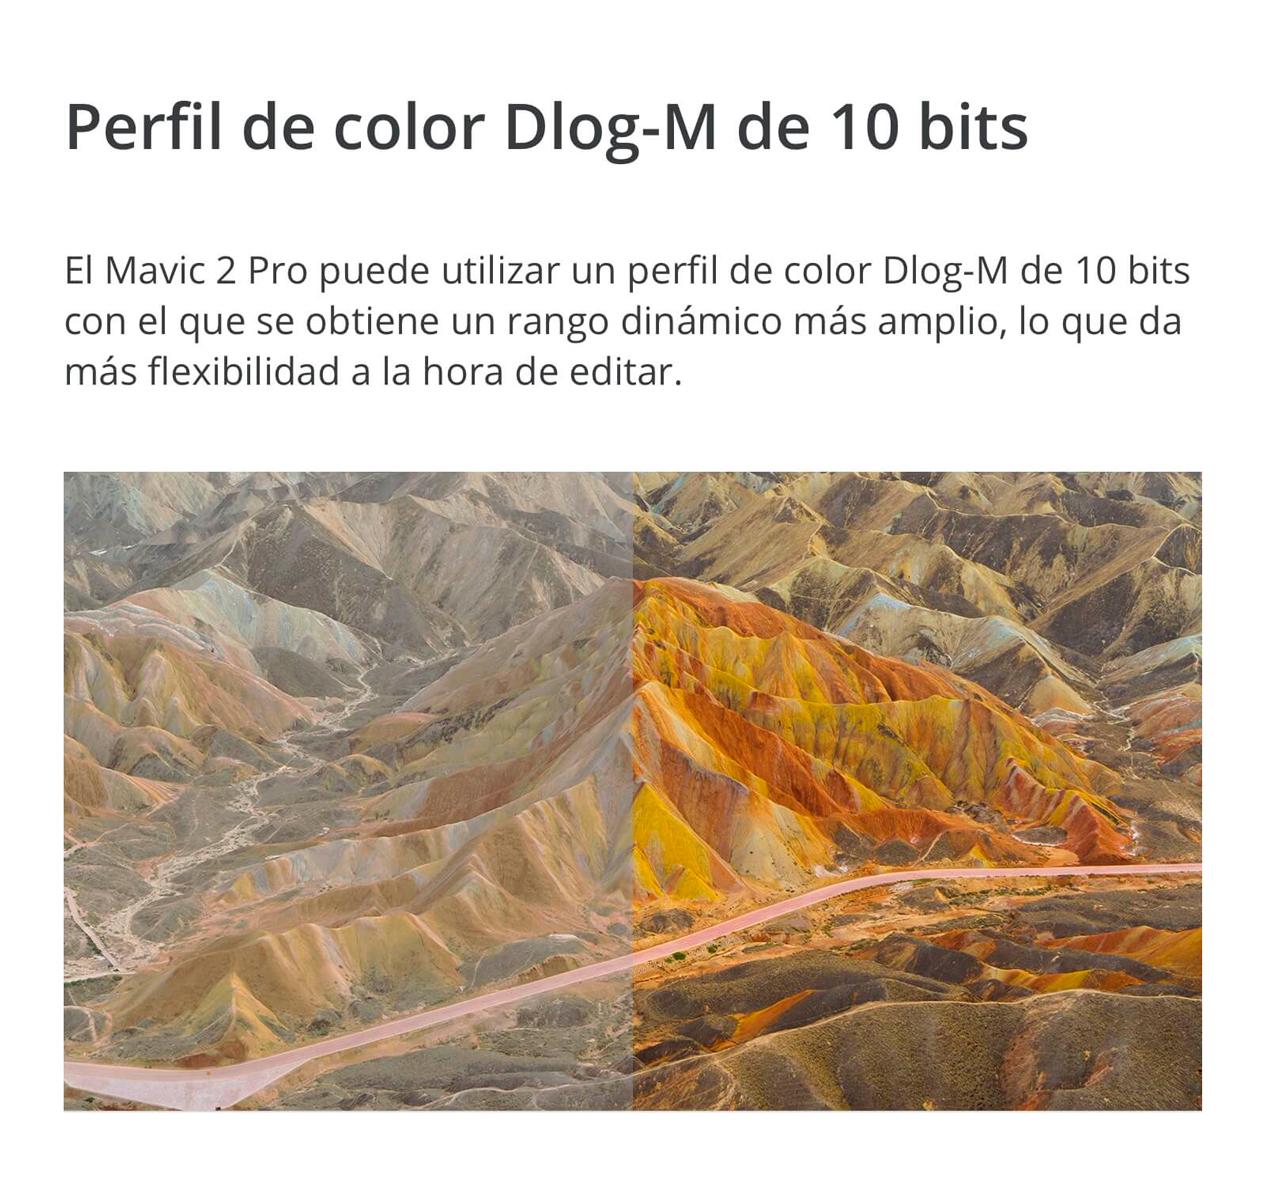 DJI MAVIC 2 PRO - Perfil de color Dlog-M de 10 bits